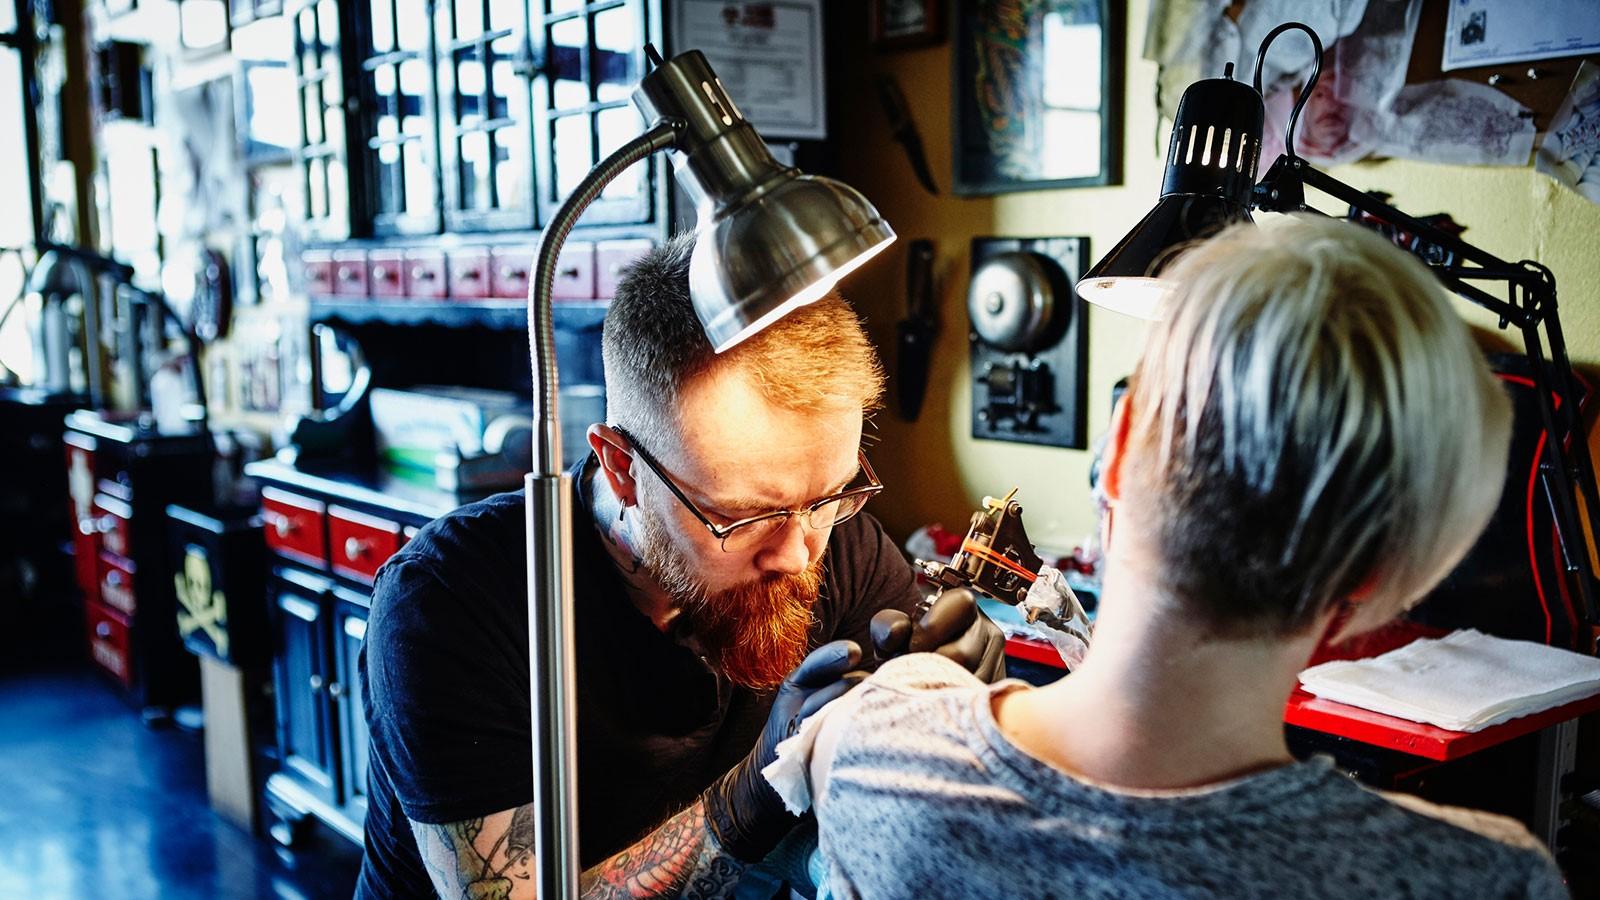 Soyez patient lorsque vous êtes au studio de tatouage.